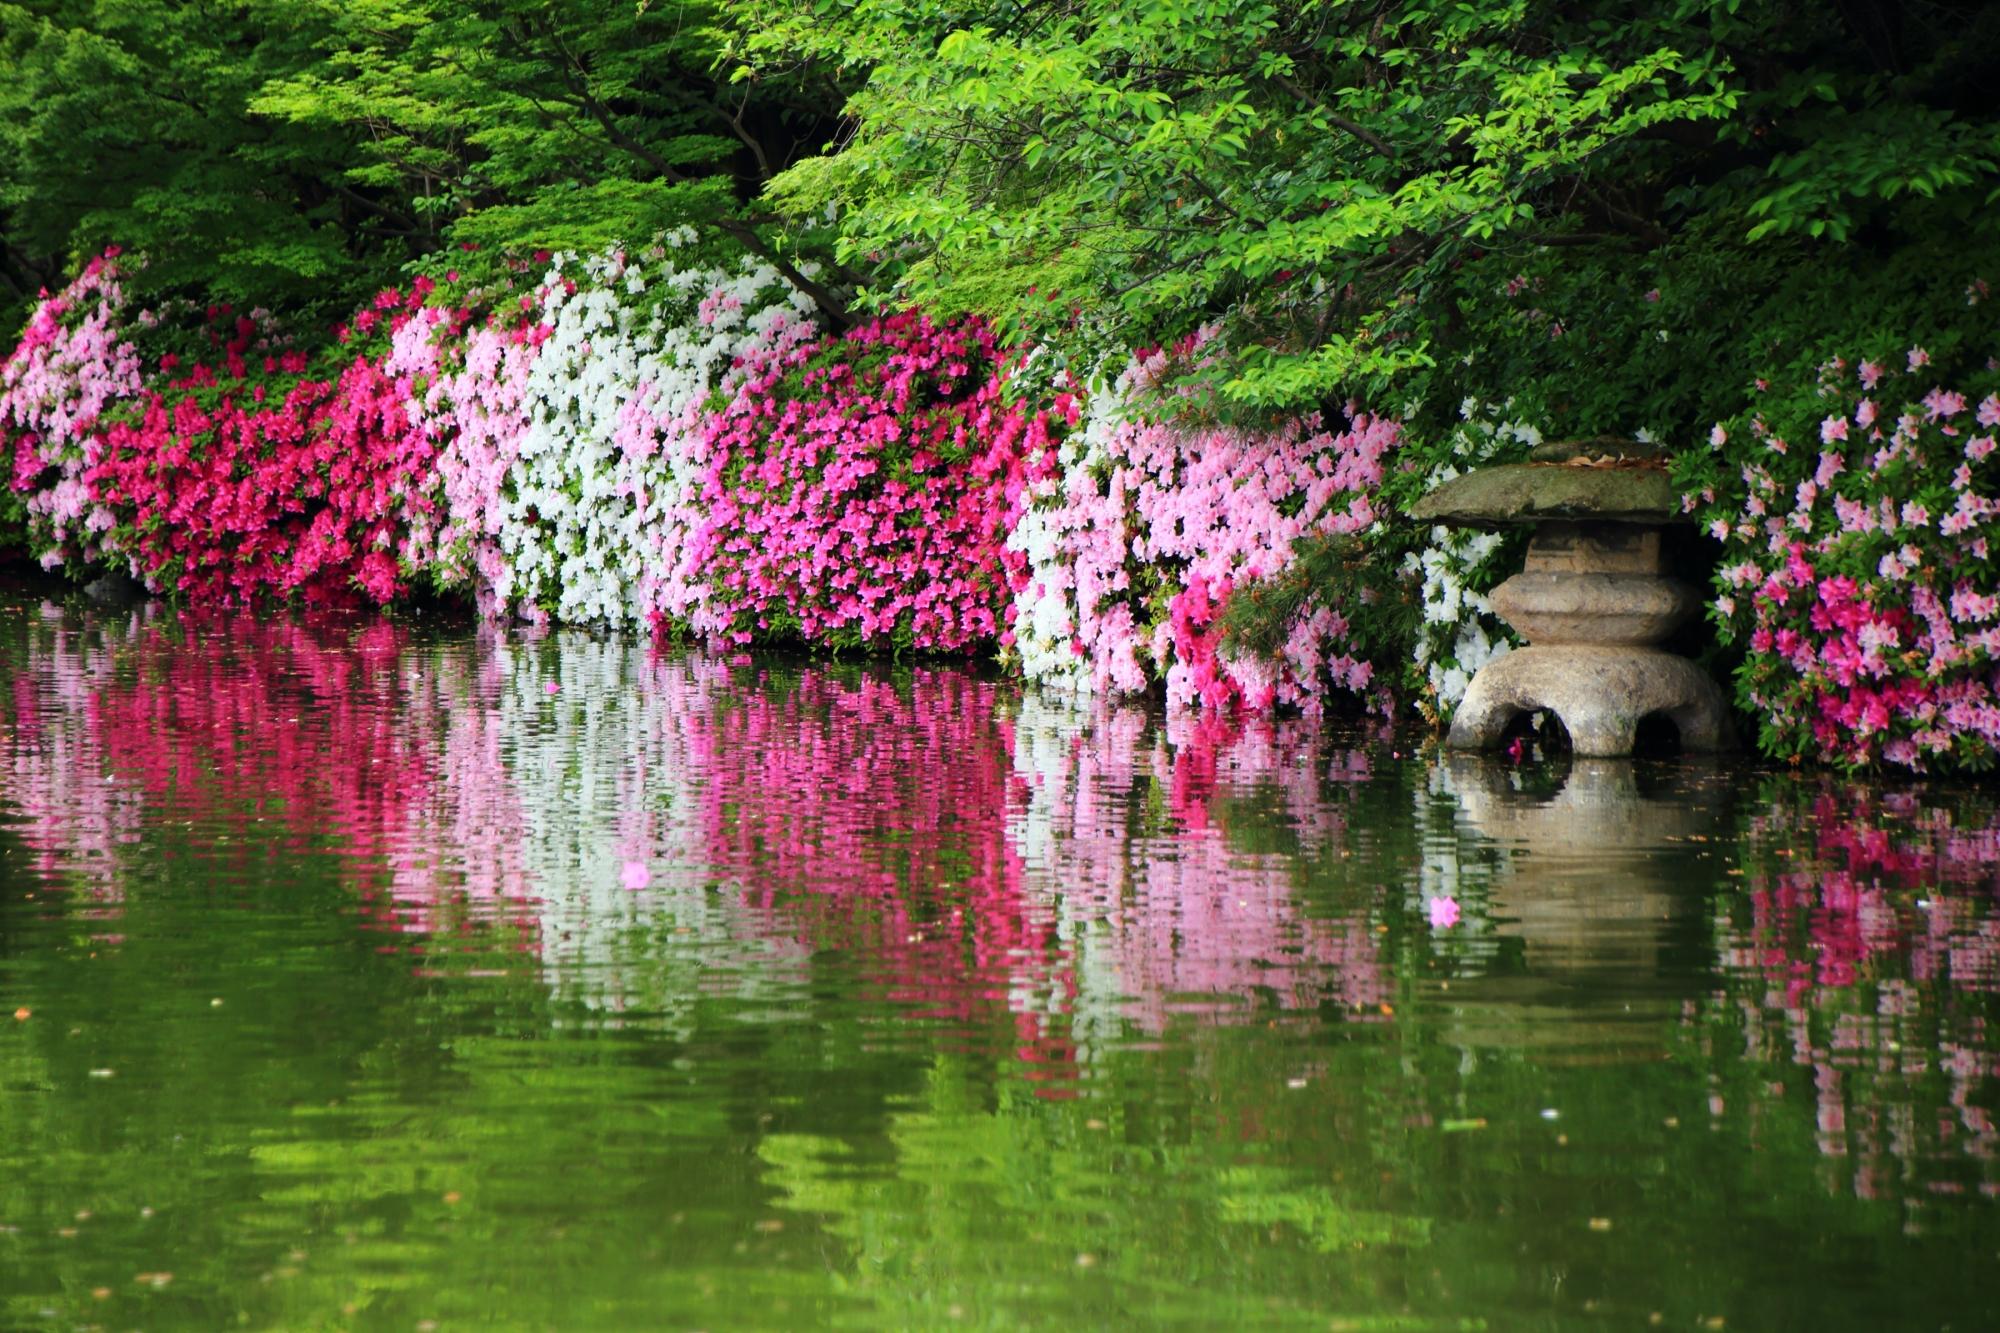 池中にある蟷螂とツツジの神泉苑を代表するツツジの風景